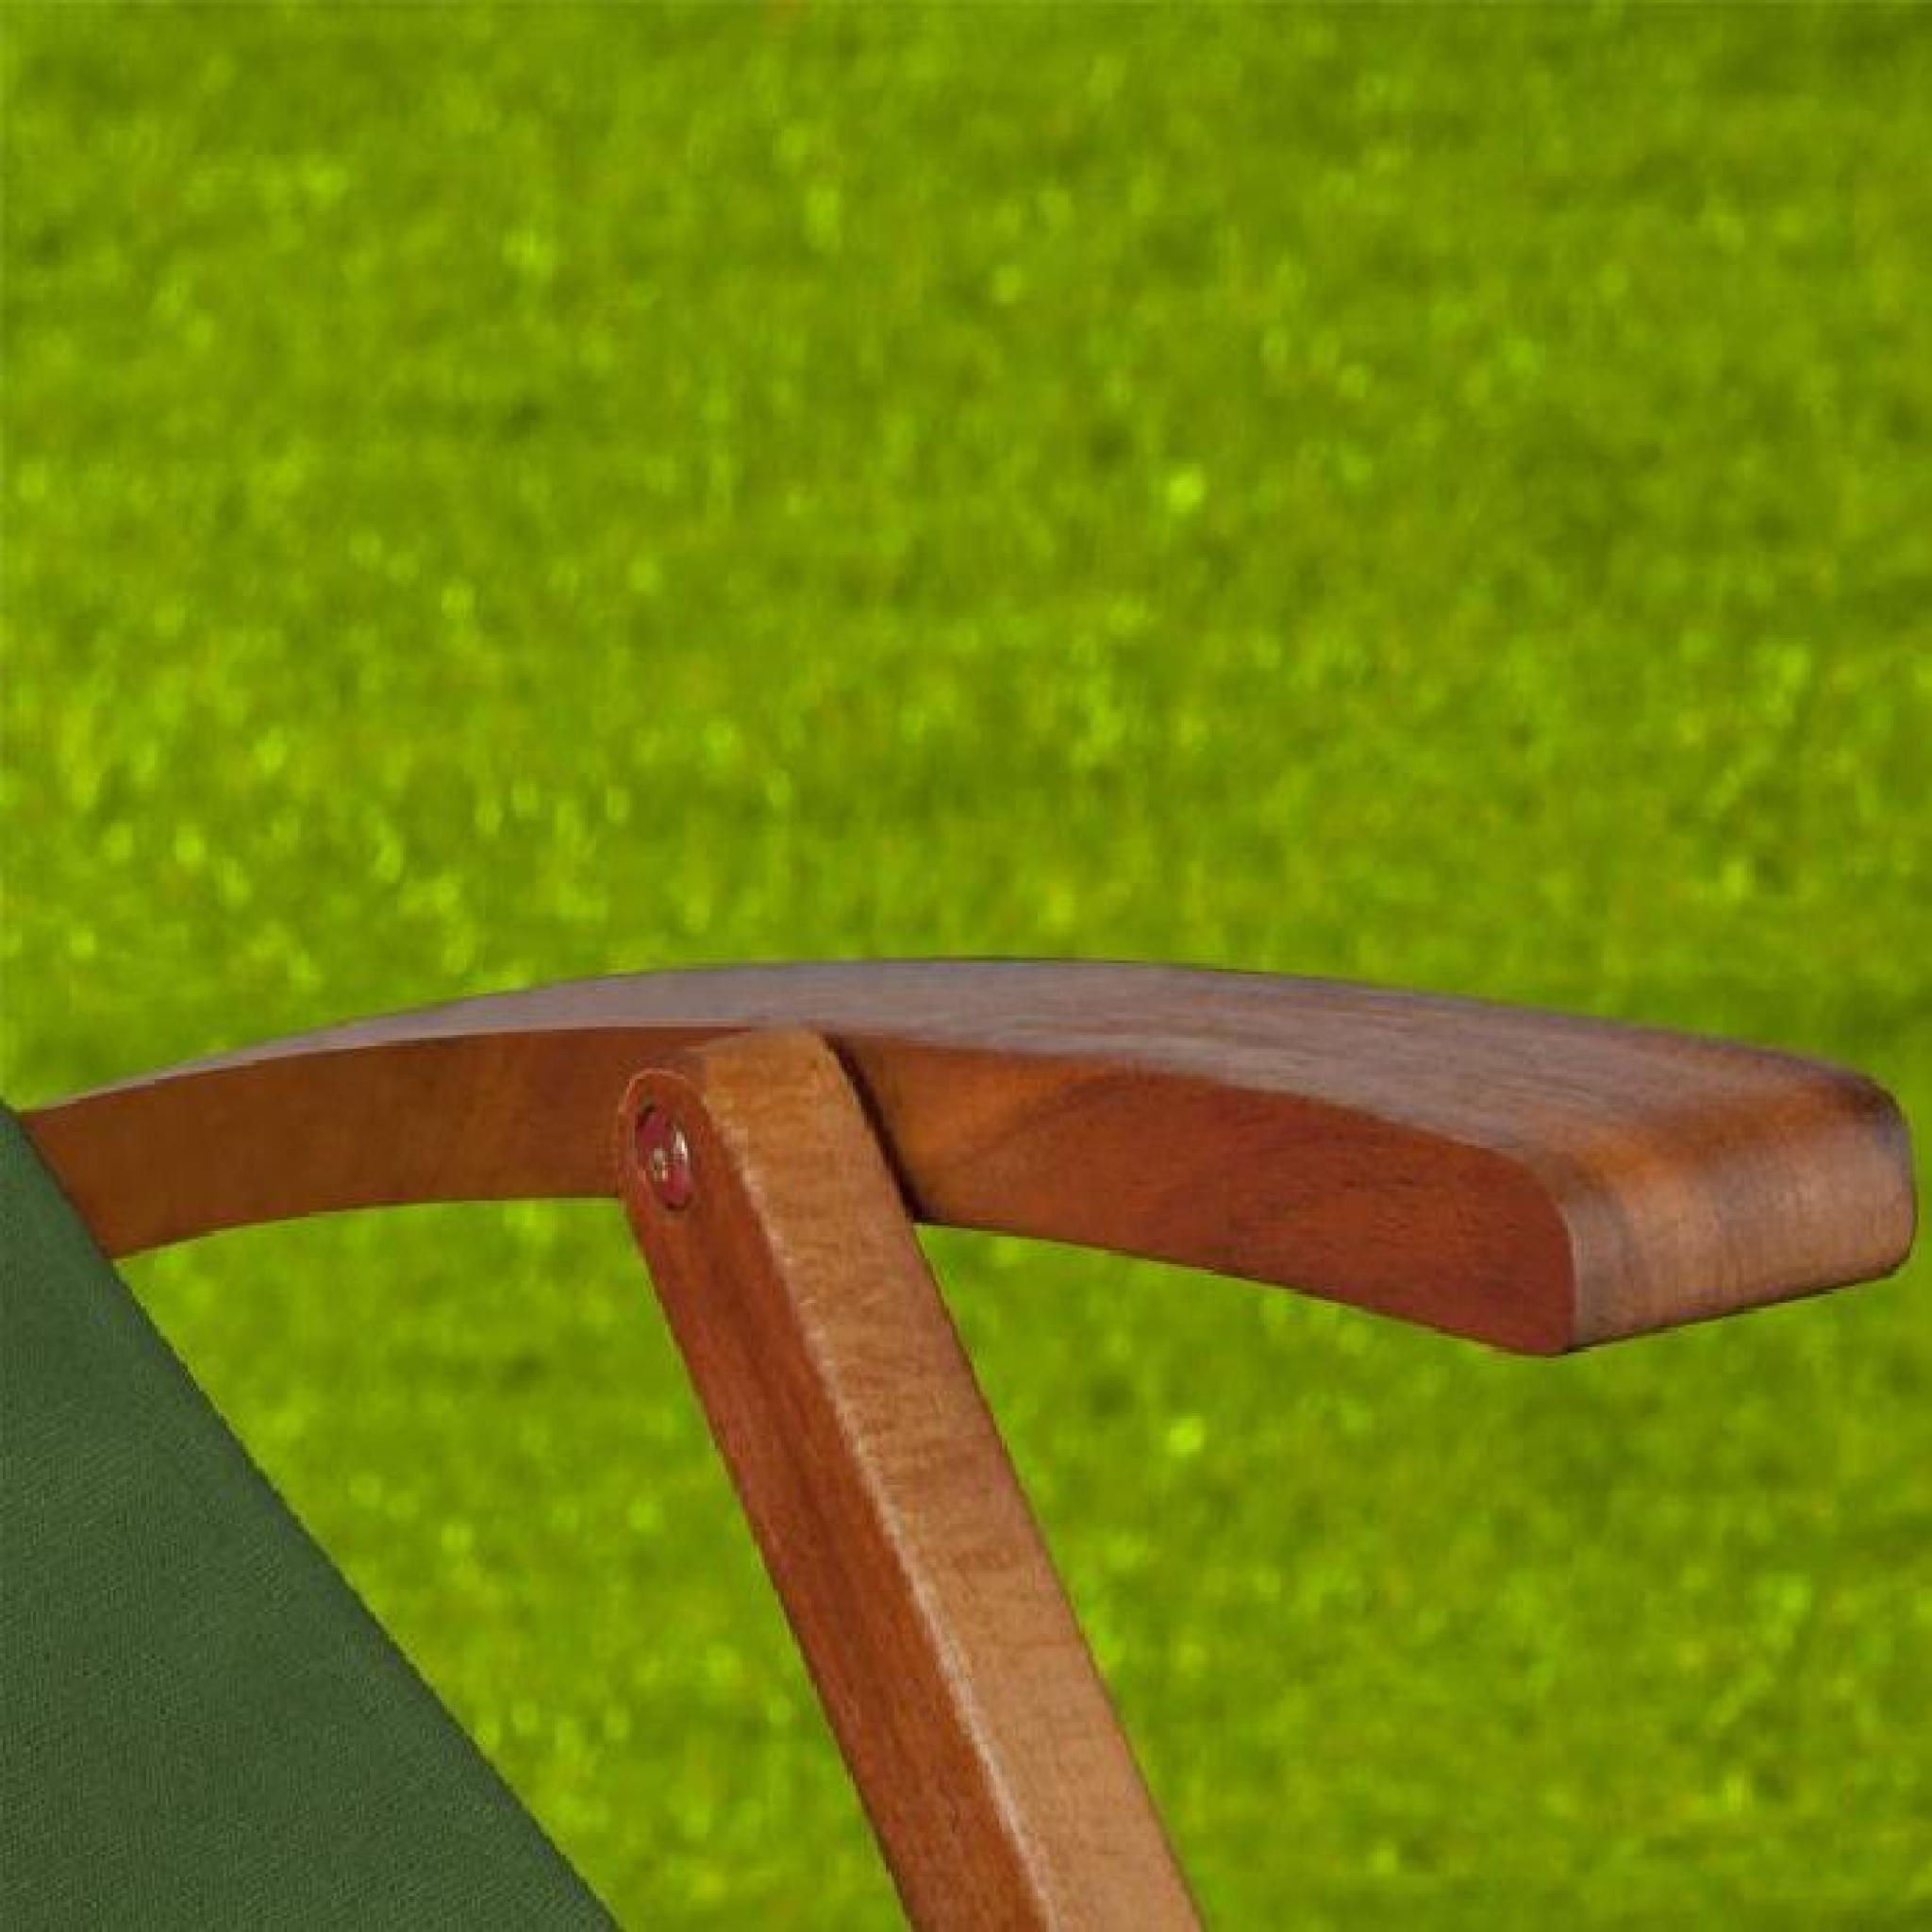 Chaise longue pliante en bois tissu vert achat vente - Chaise longue de jardin pas cher ...